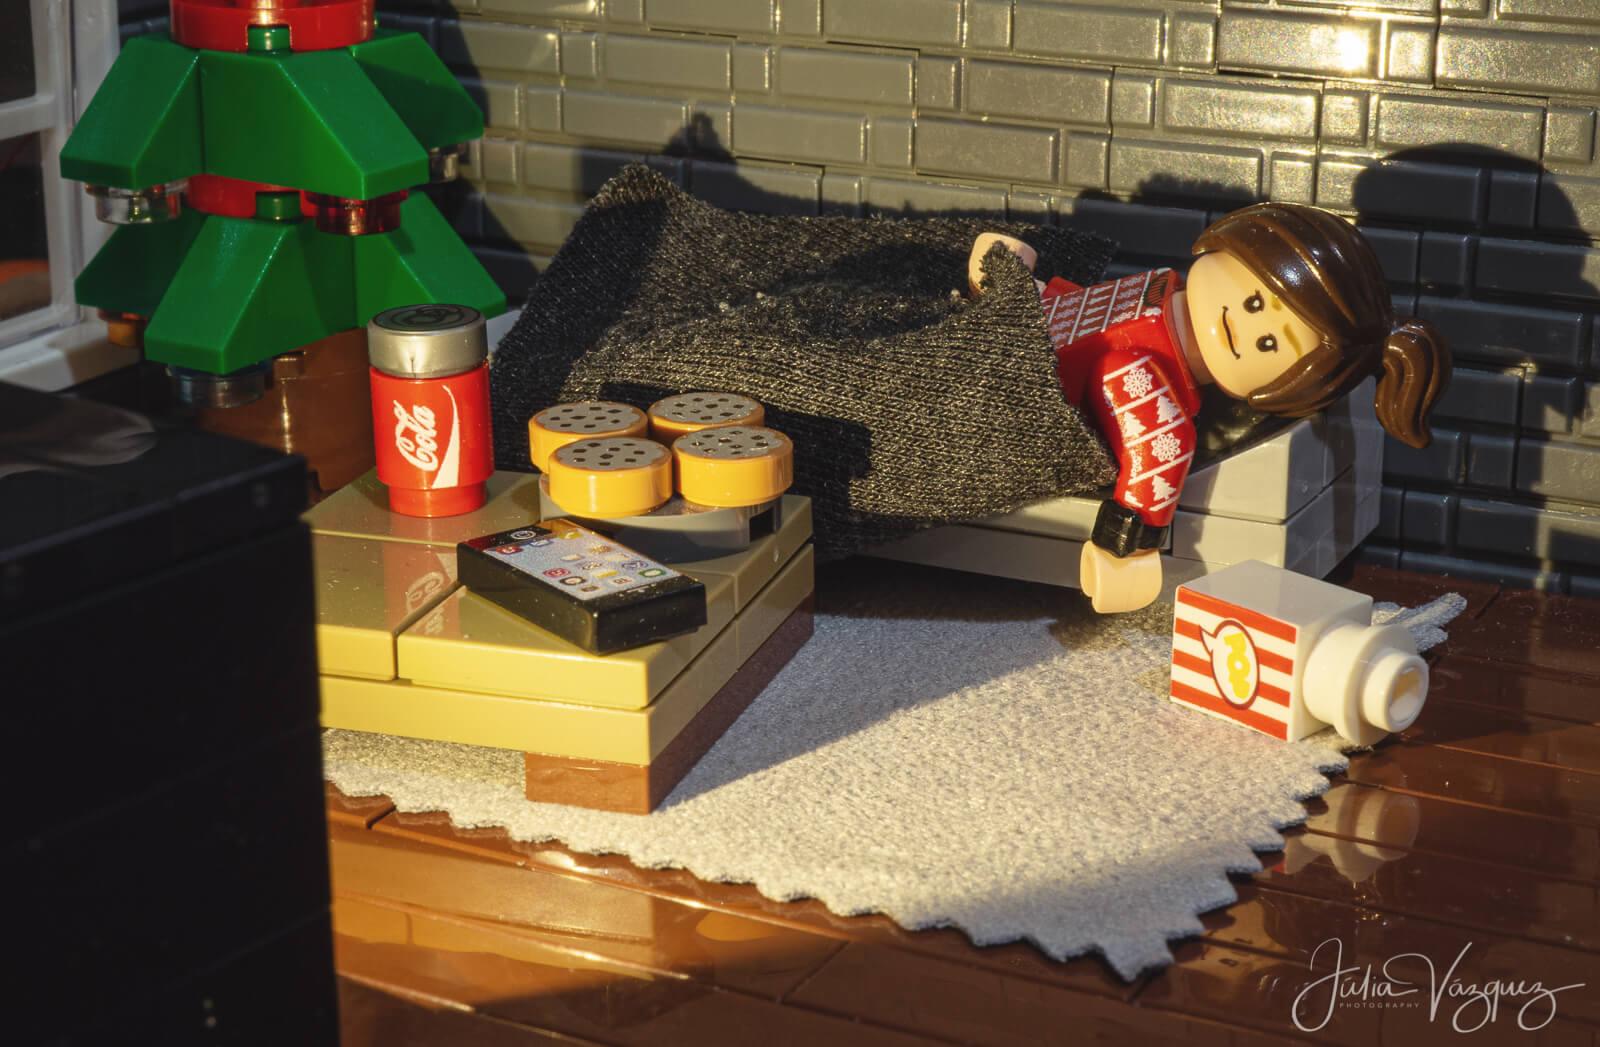 Domingo de peli, sofá y mantita